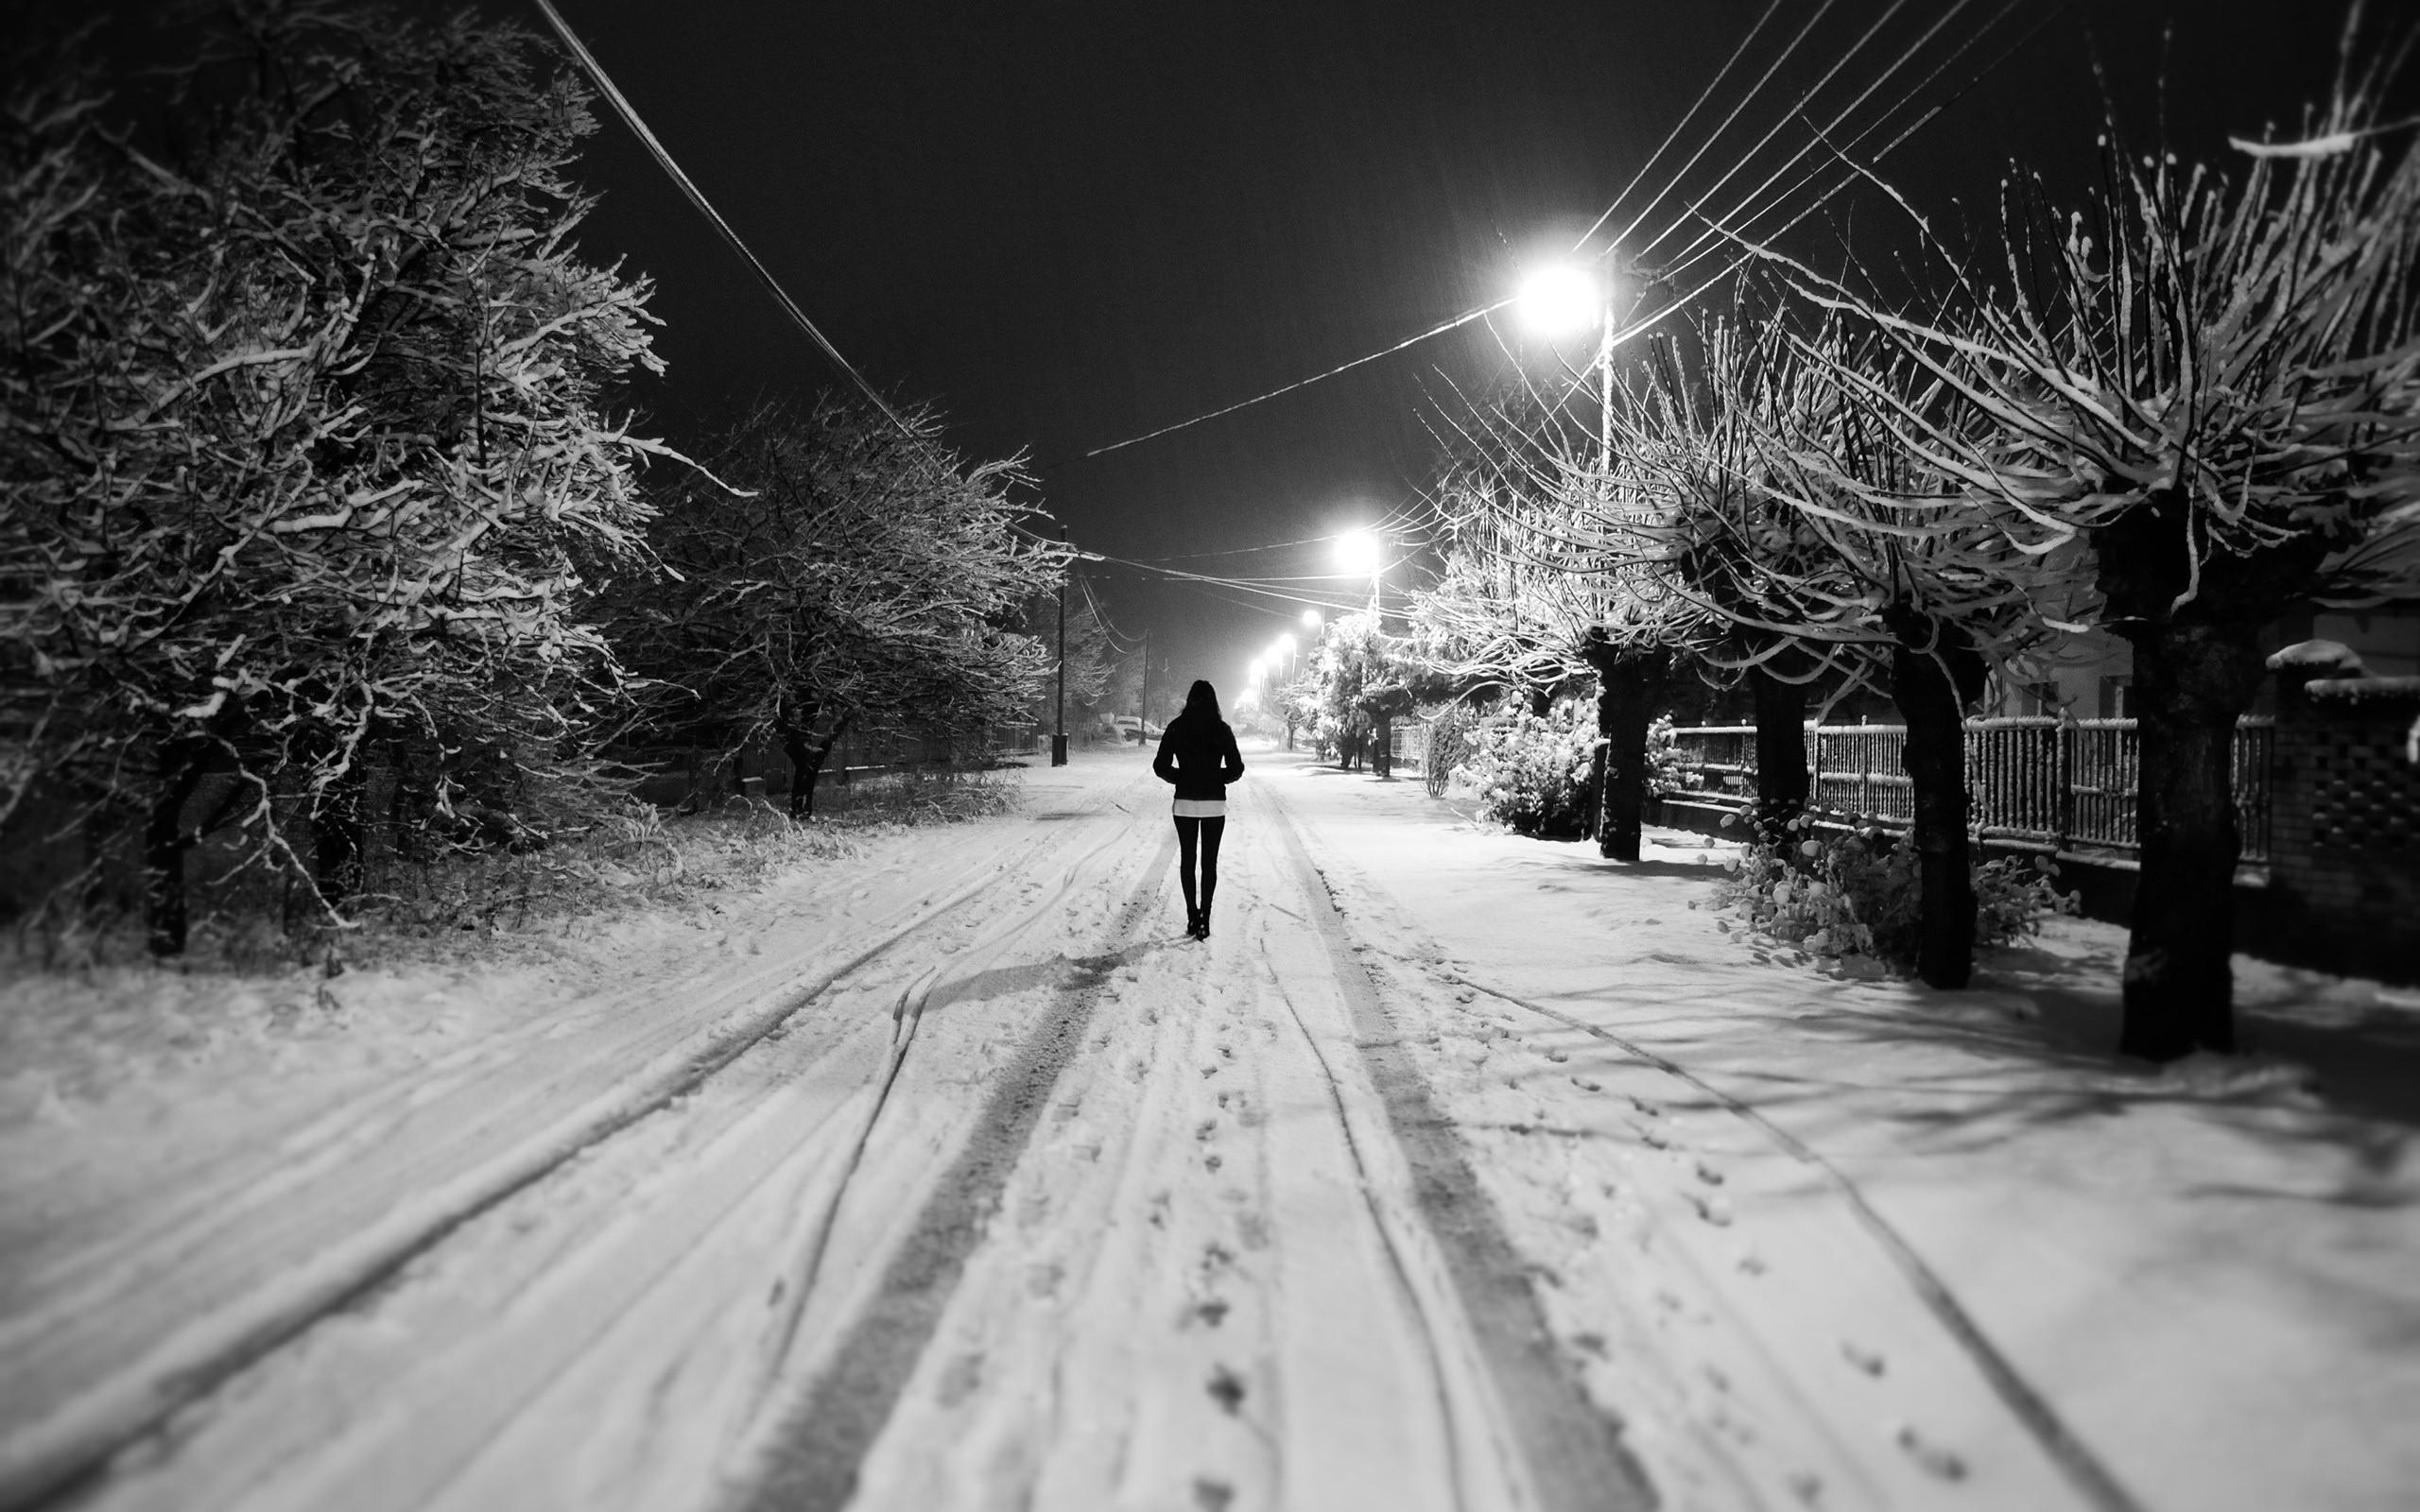 В городе Бологое Тверской области полицейские разыскали пропавшую 15-летнюю девочку